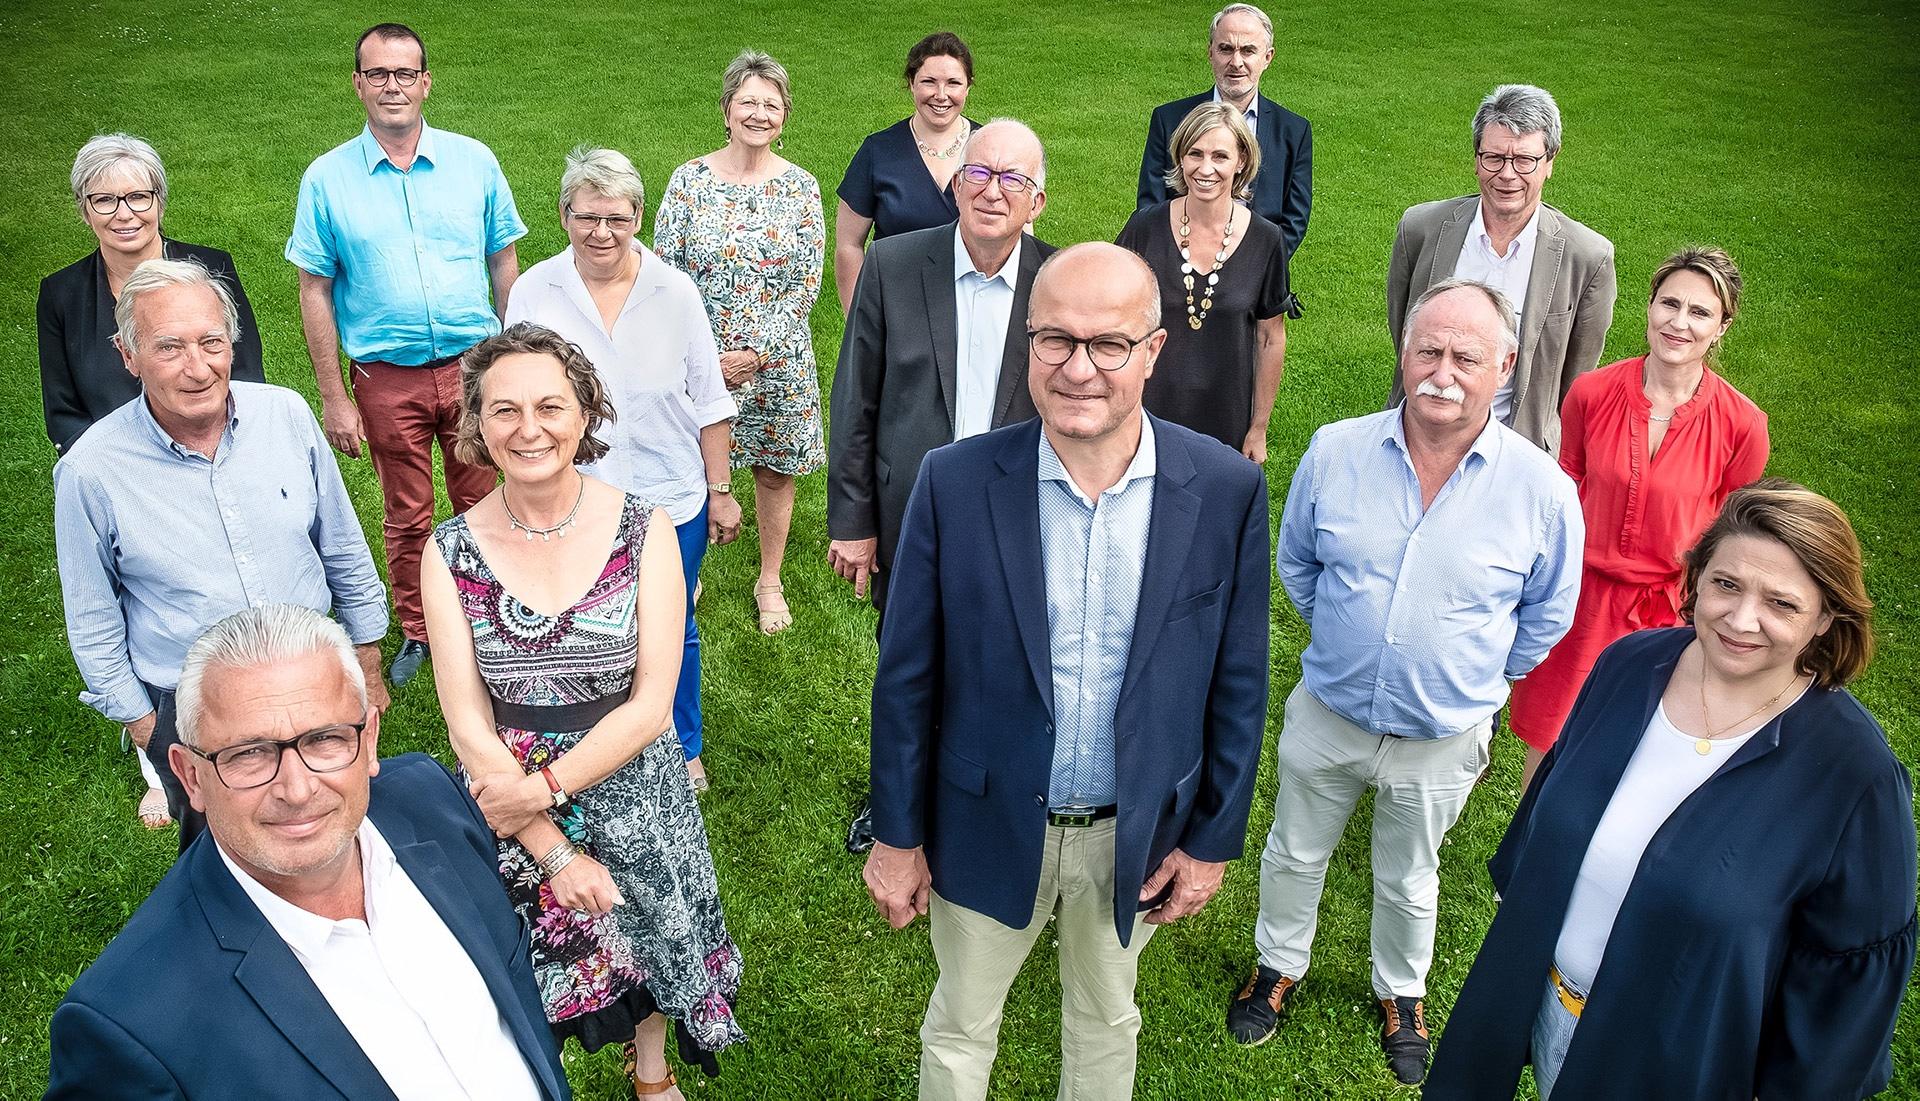 Photo groupe, élus 2020 de la communauté d'Auray